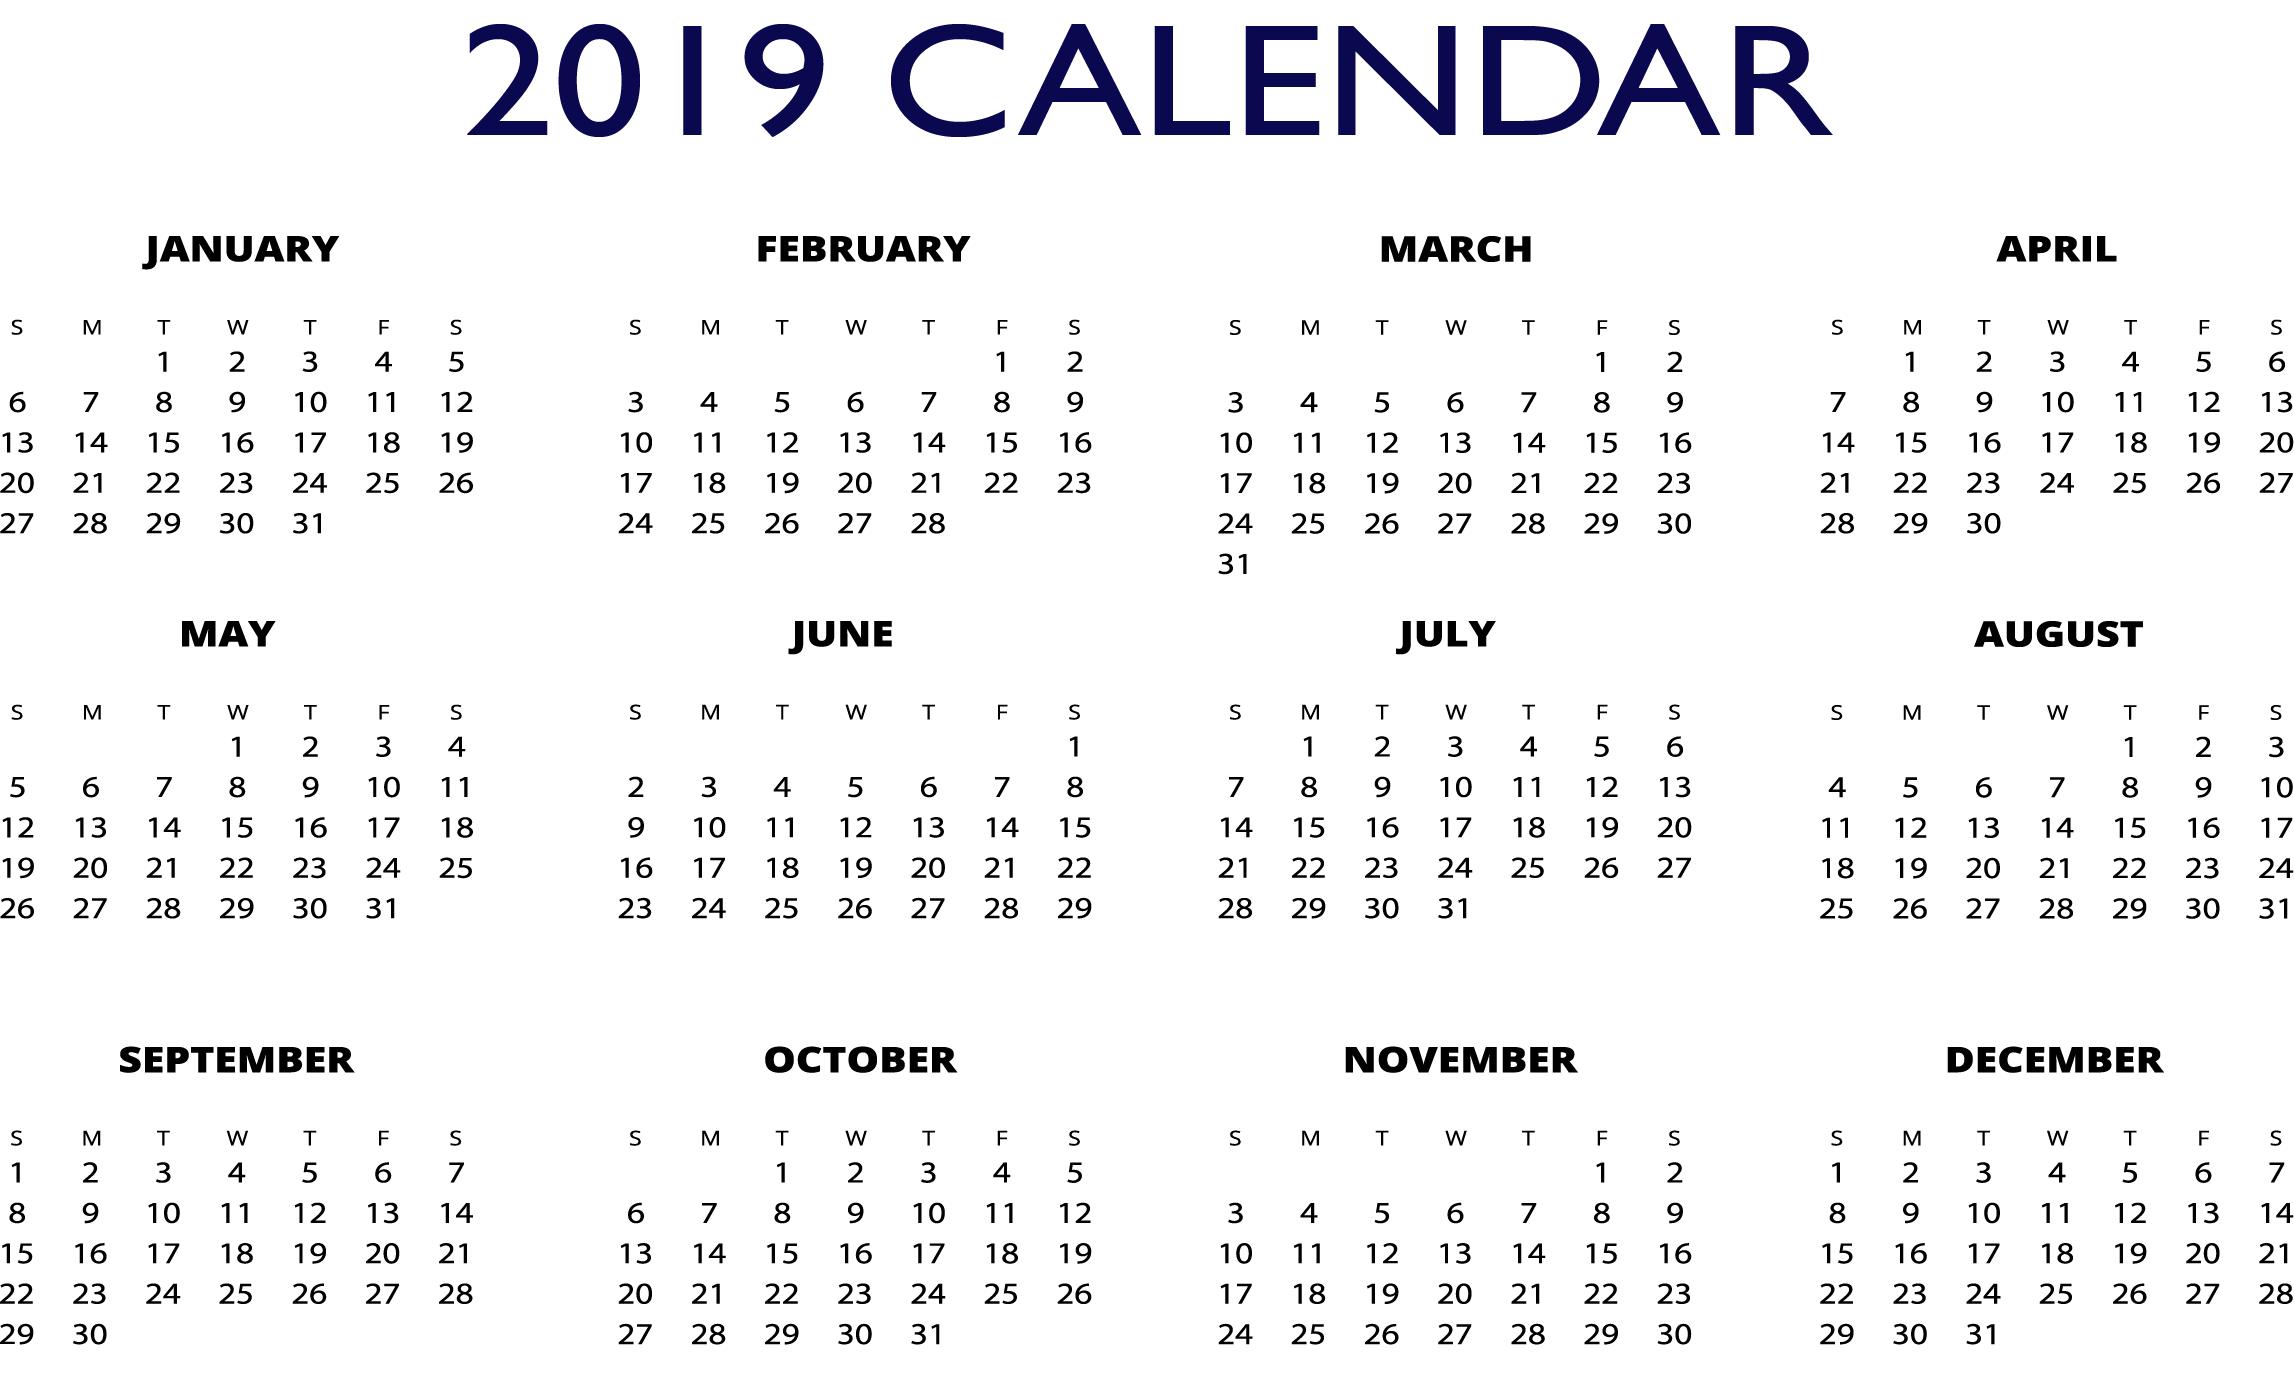 2019 Calendar One Page.2019 Excel One Page Calendar 2019 Calendars Free Calendar